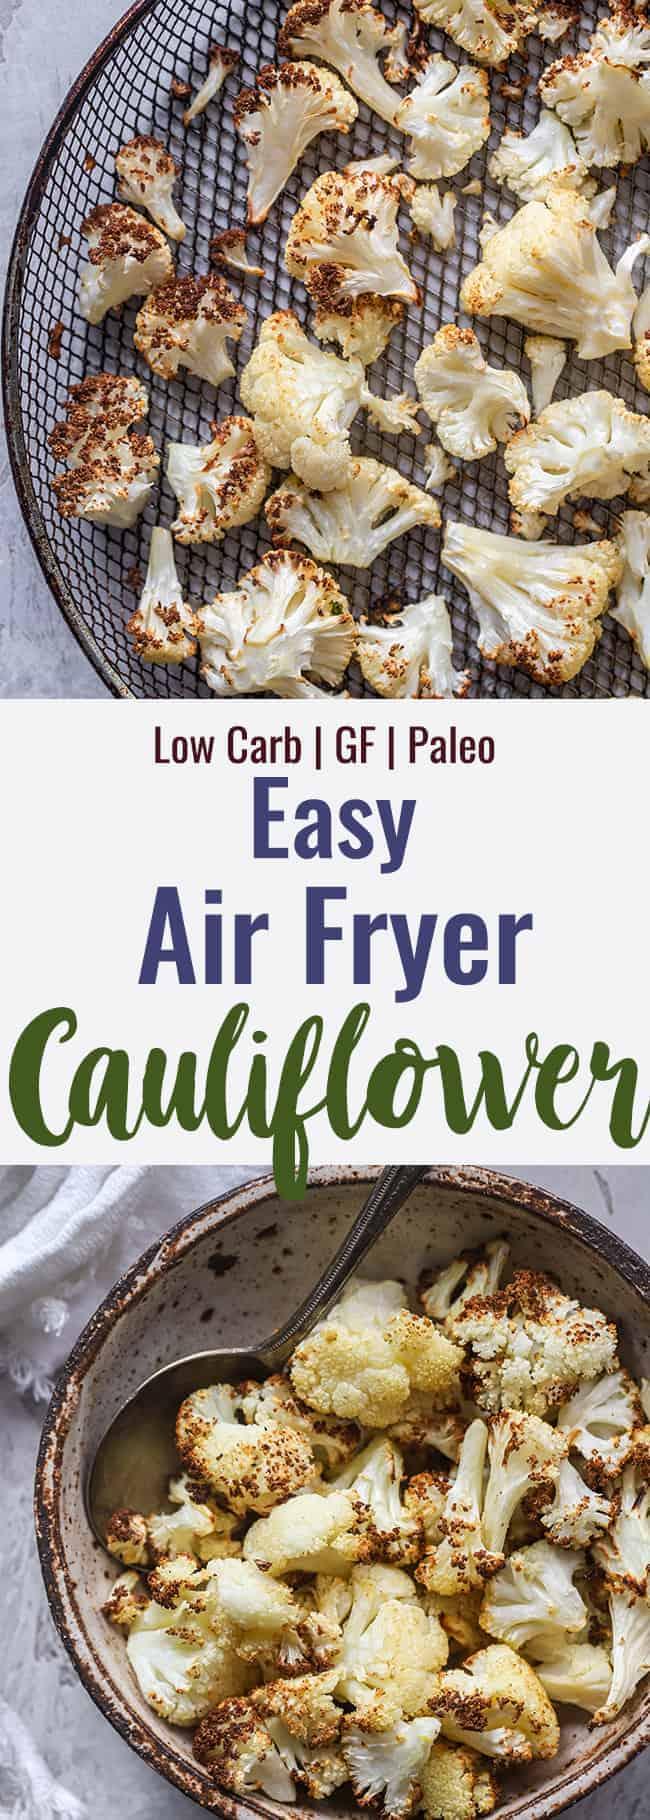 air fryer cauliflower collage photo